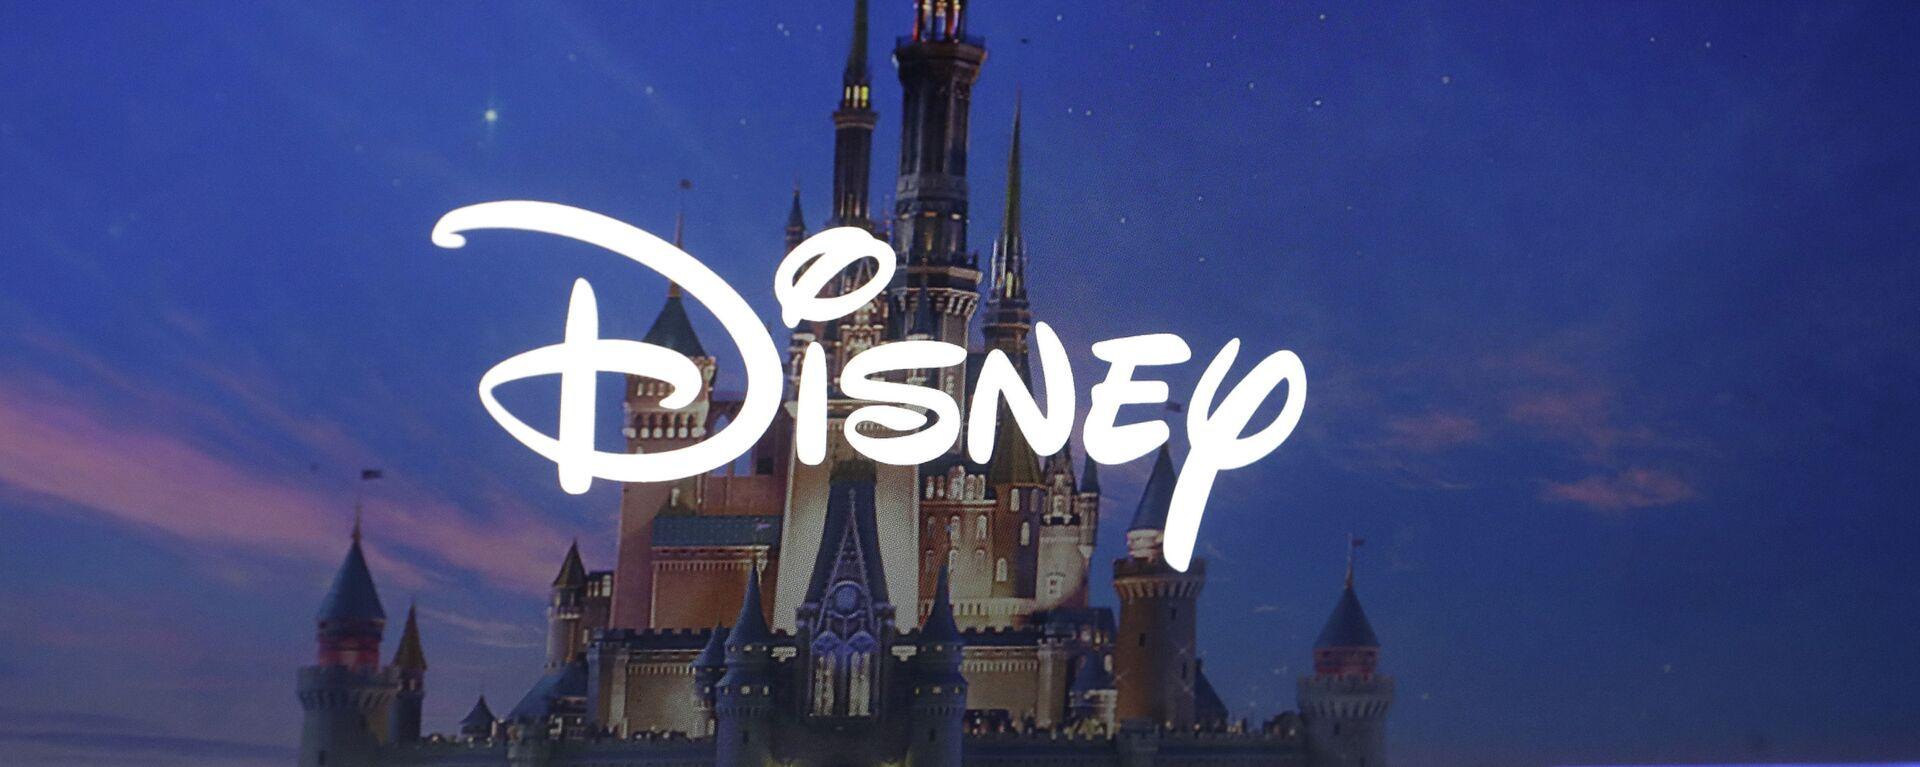 La plataforma de streaming Disney+ - Sputnik Mundo, 1920, 16.10.2020